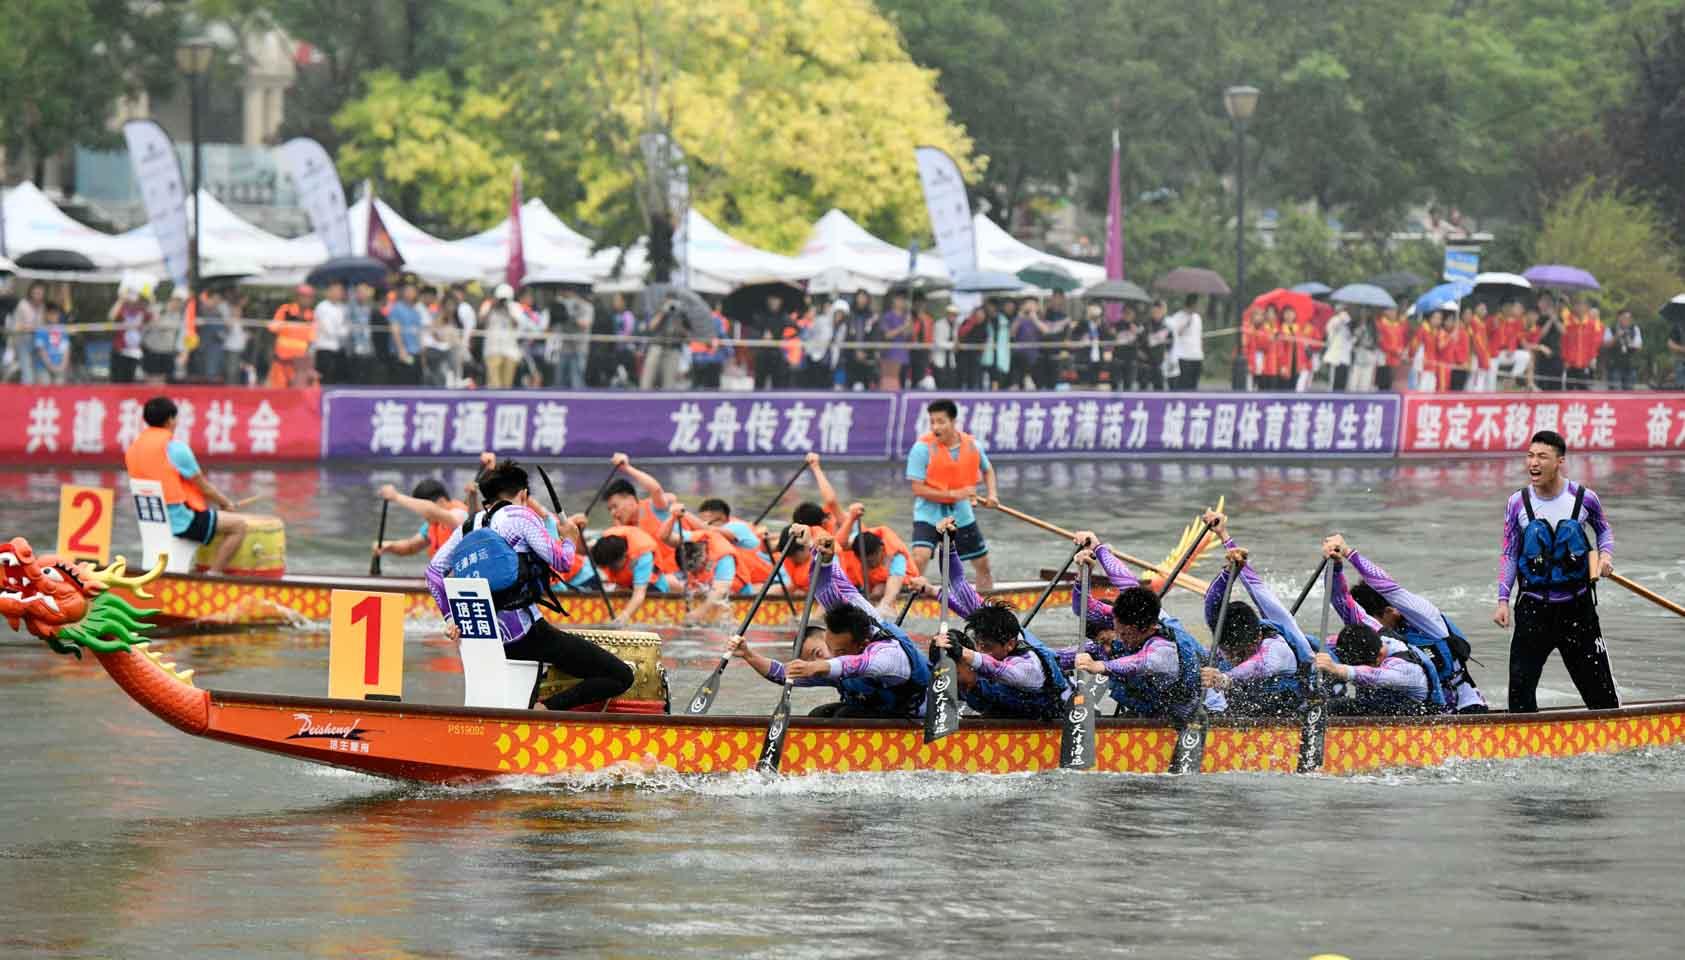 雨中端午賽龍舟